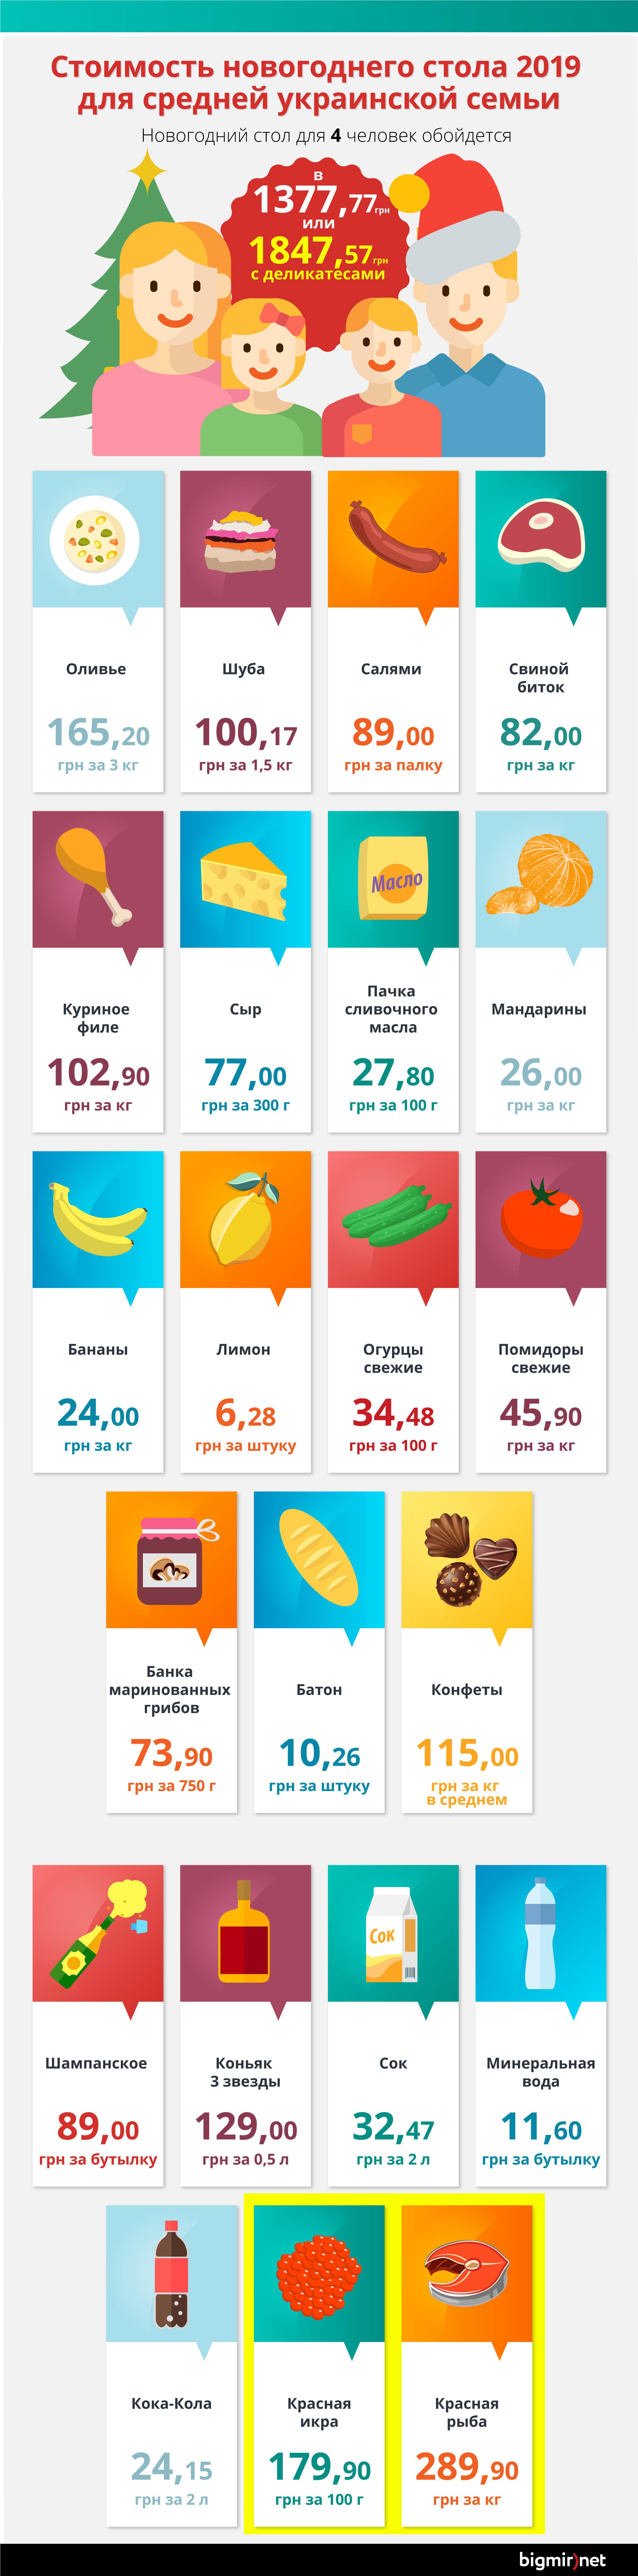 Стоимость новогоднего стола 2019 для средней украинской семьи